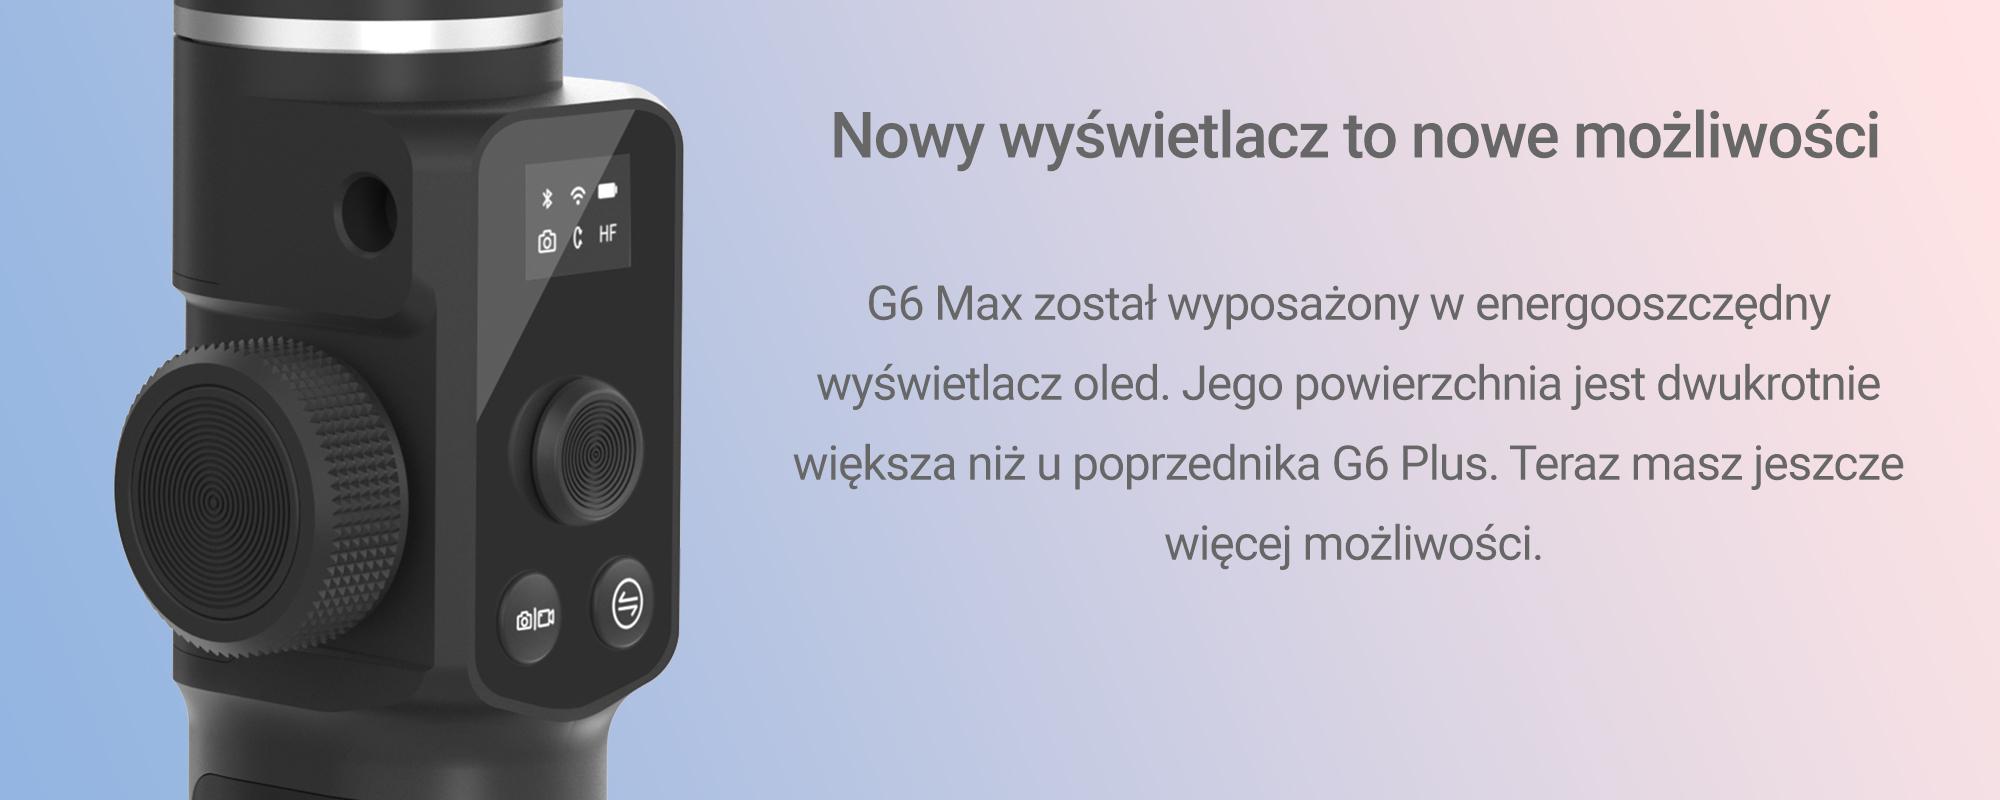 Grafika pokazującą wyświetlacz G6 MAX